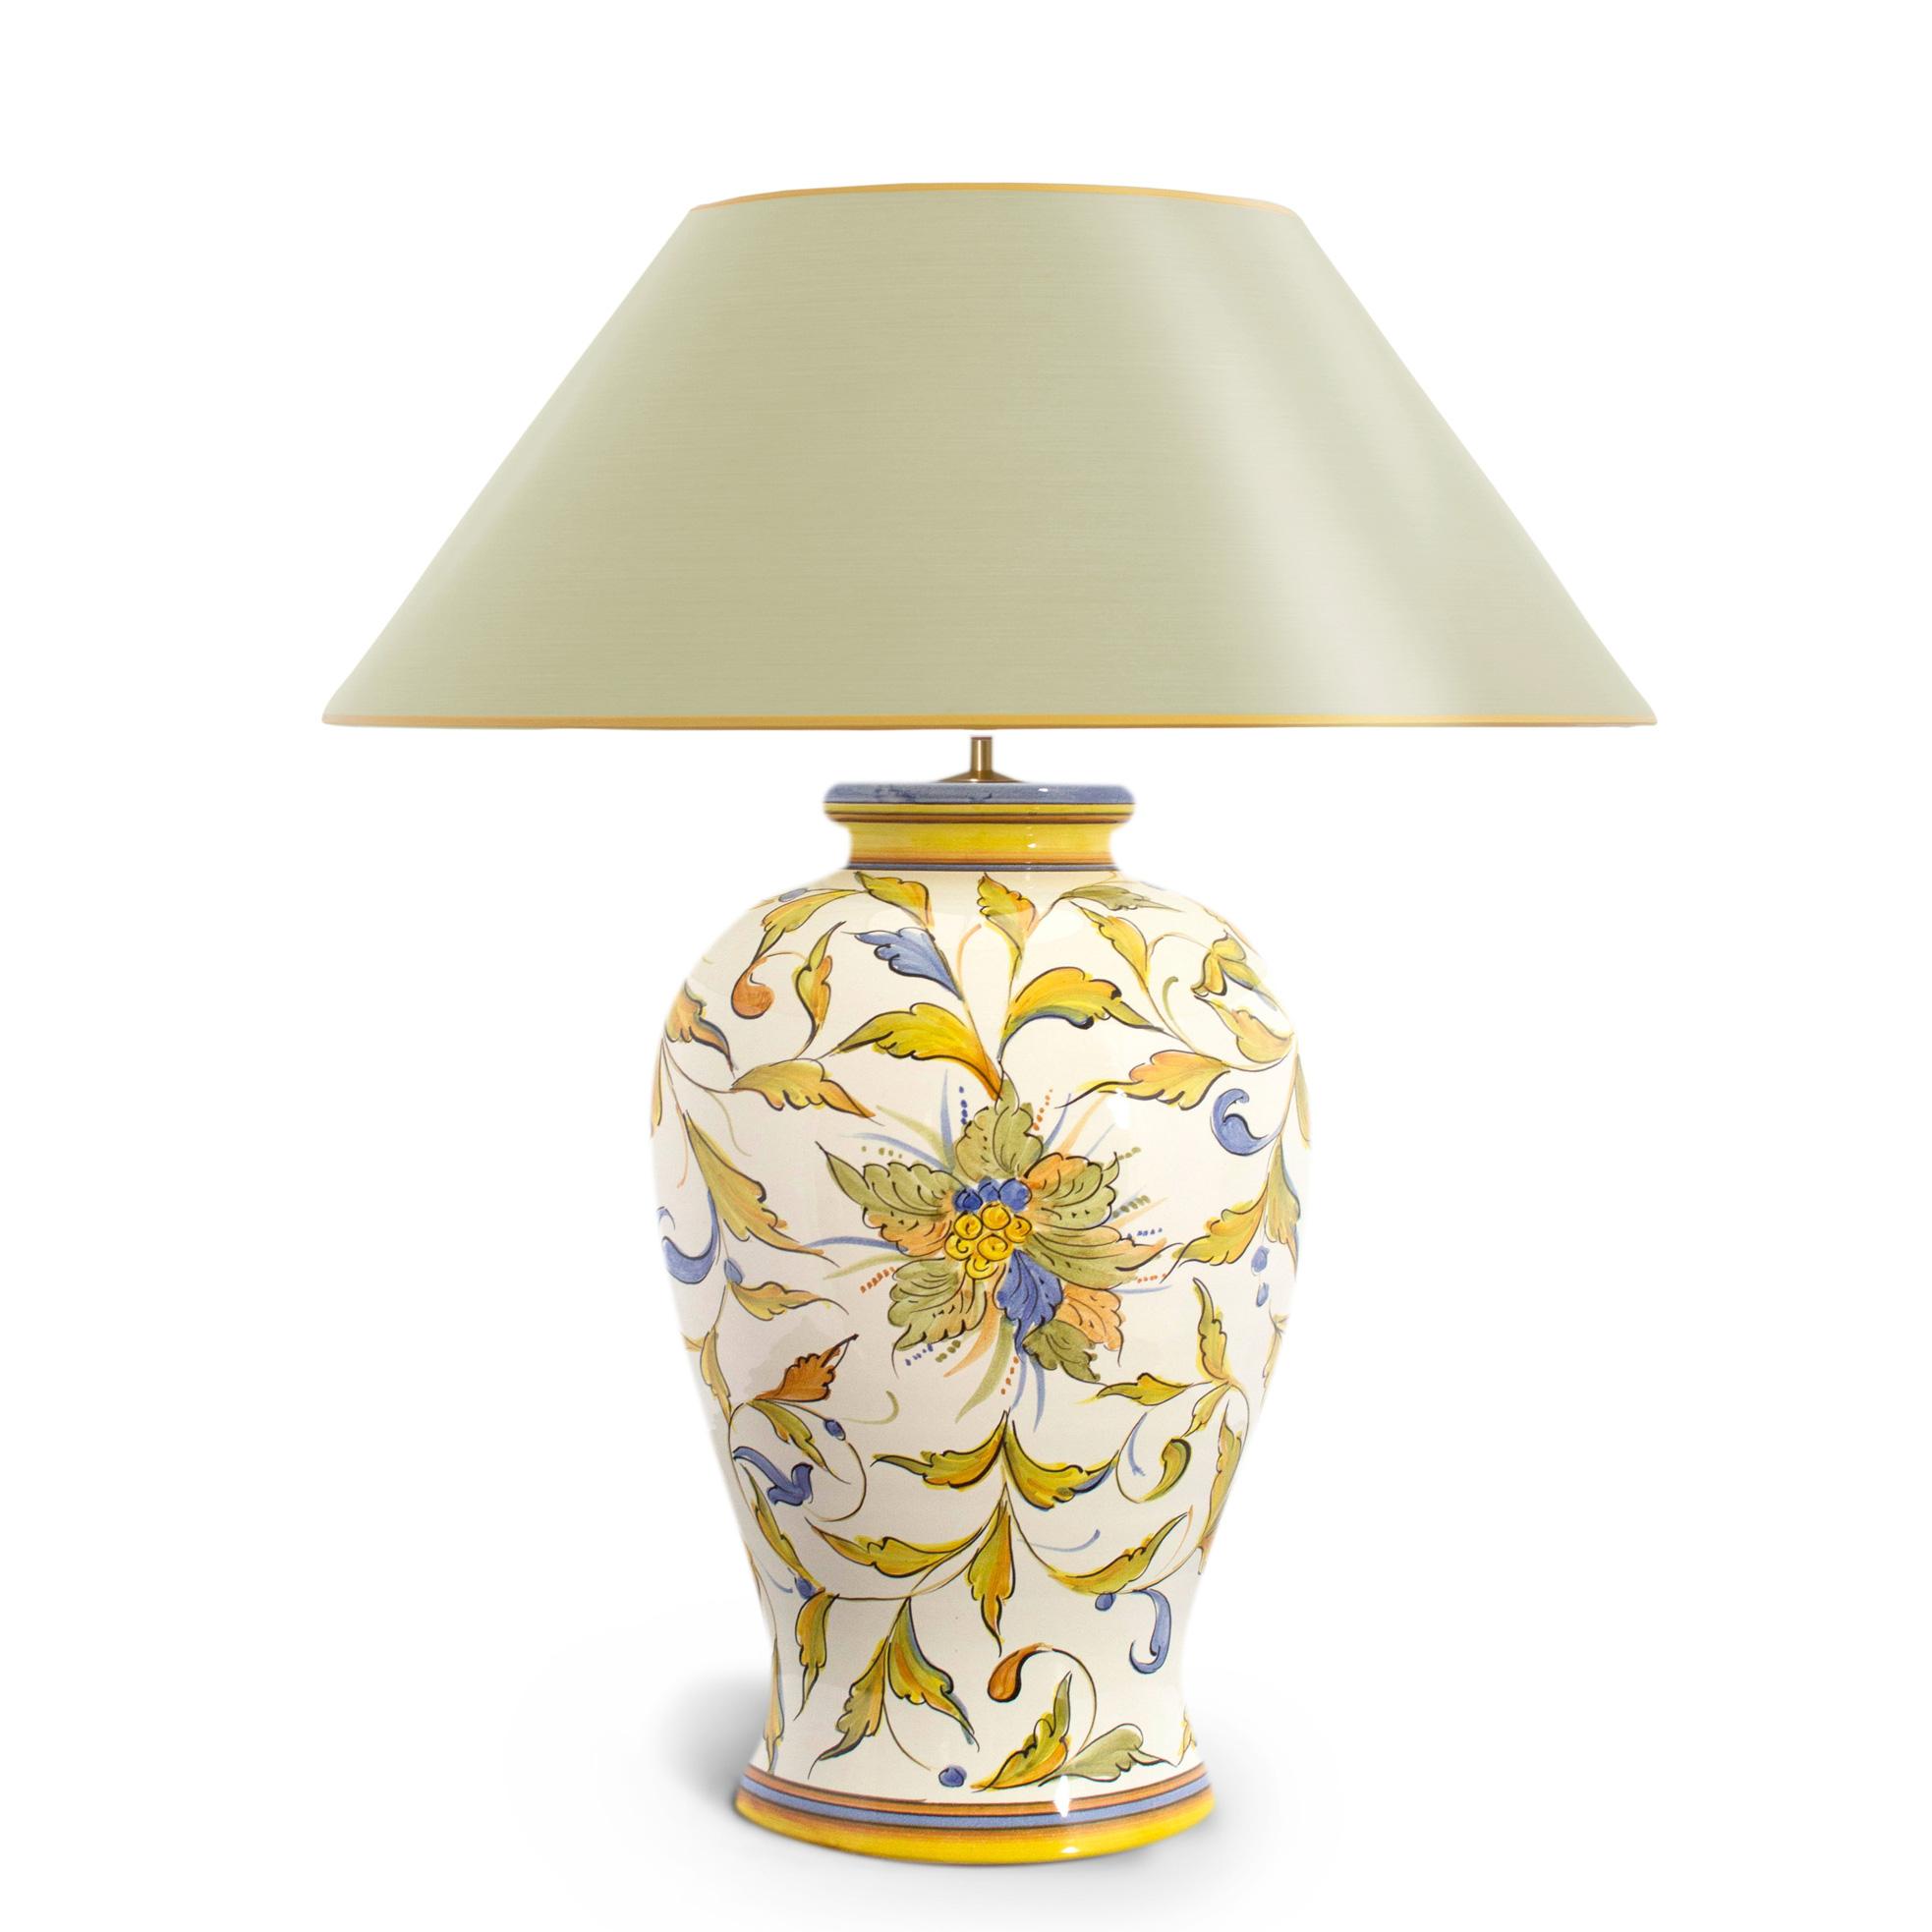 zeitlos sch n handgemalte tischlampe selbst gestalten ambiarte. Black Bedroom Furniture Sets. Home Design Ideas